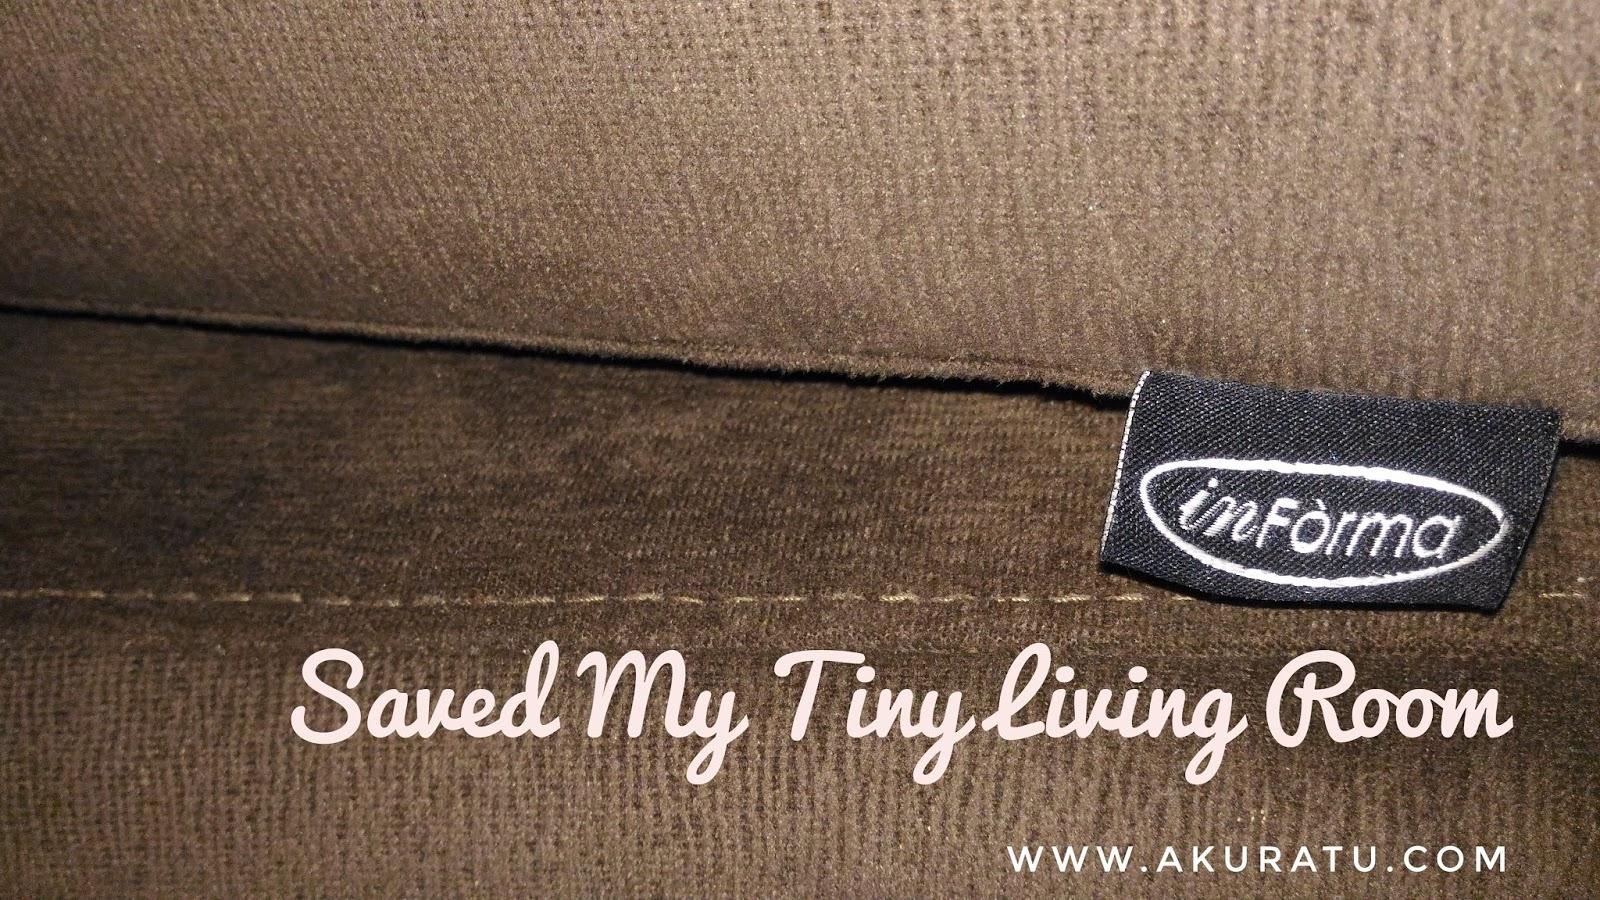 Informa Saved My Tiny Living Room Ratu De Blog